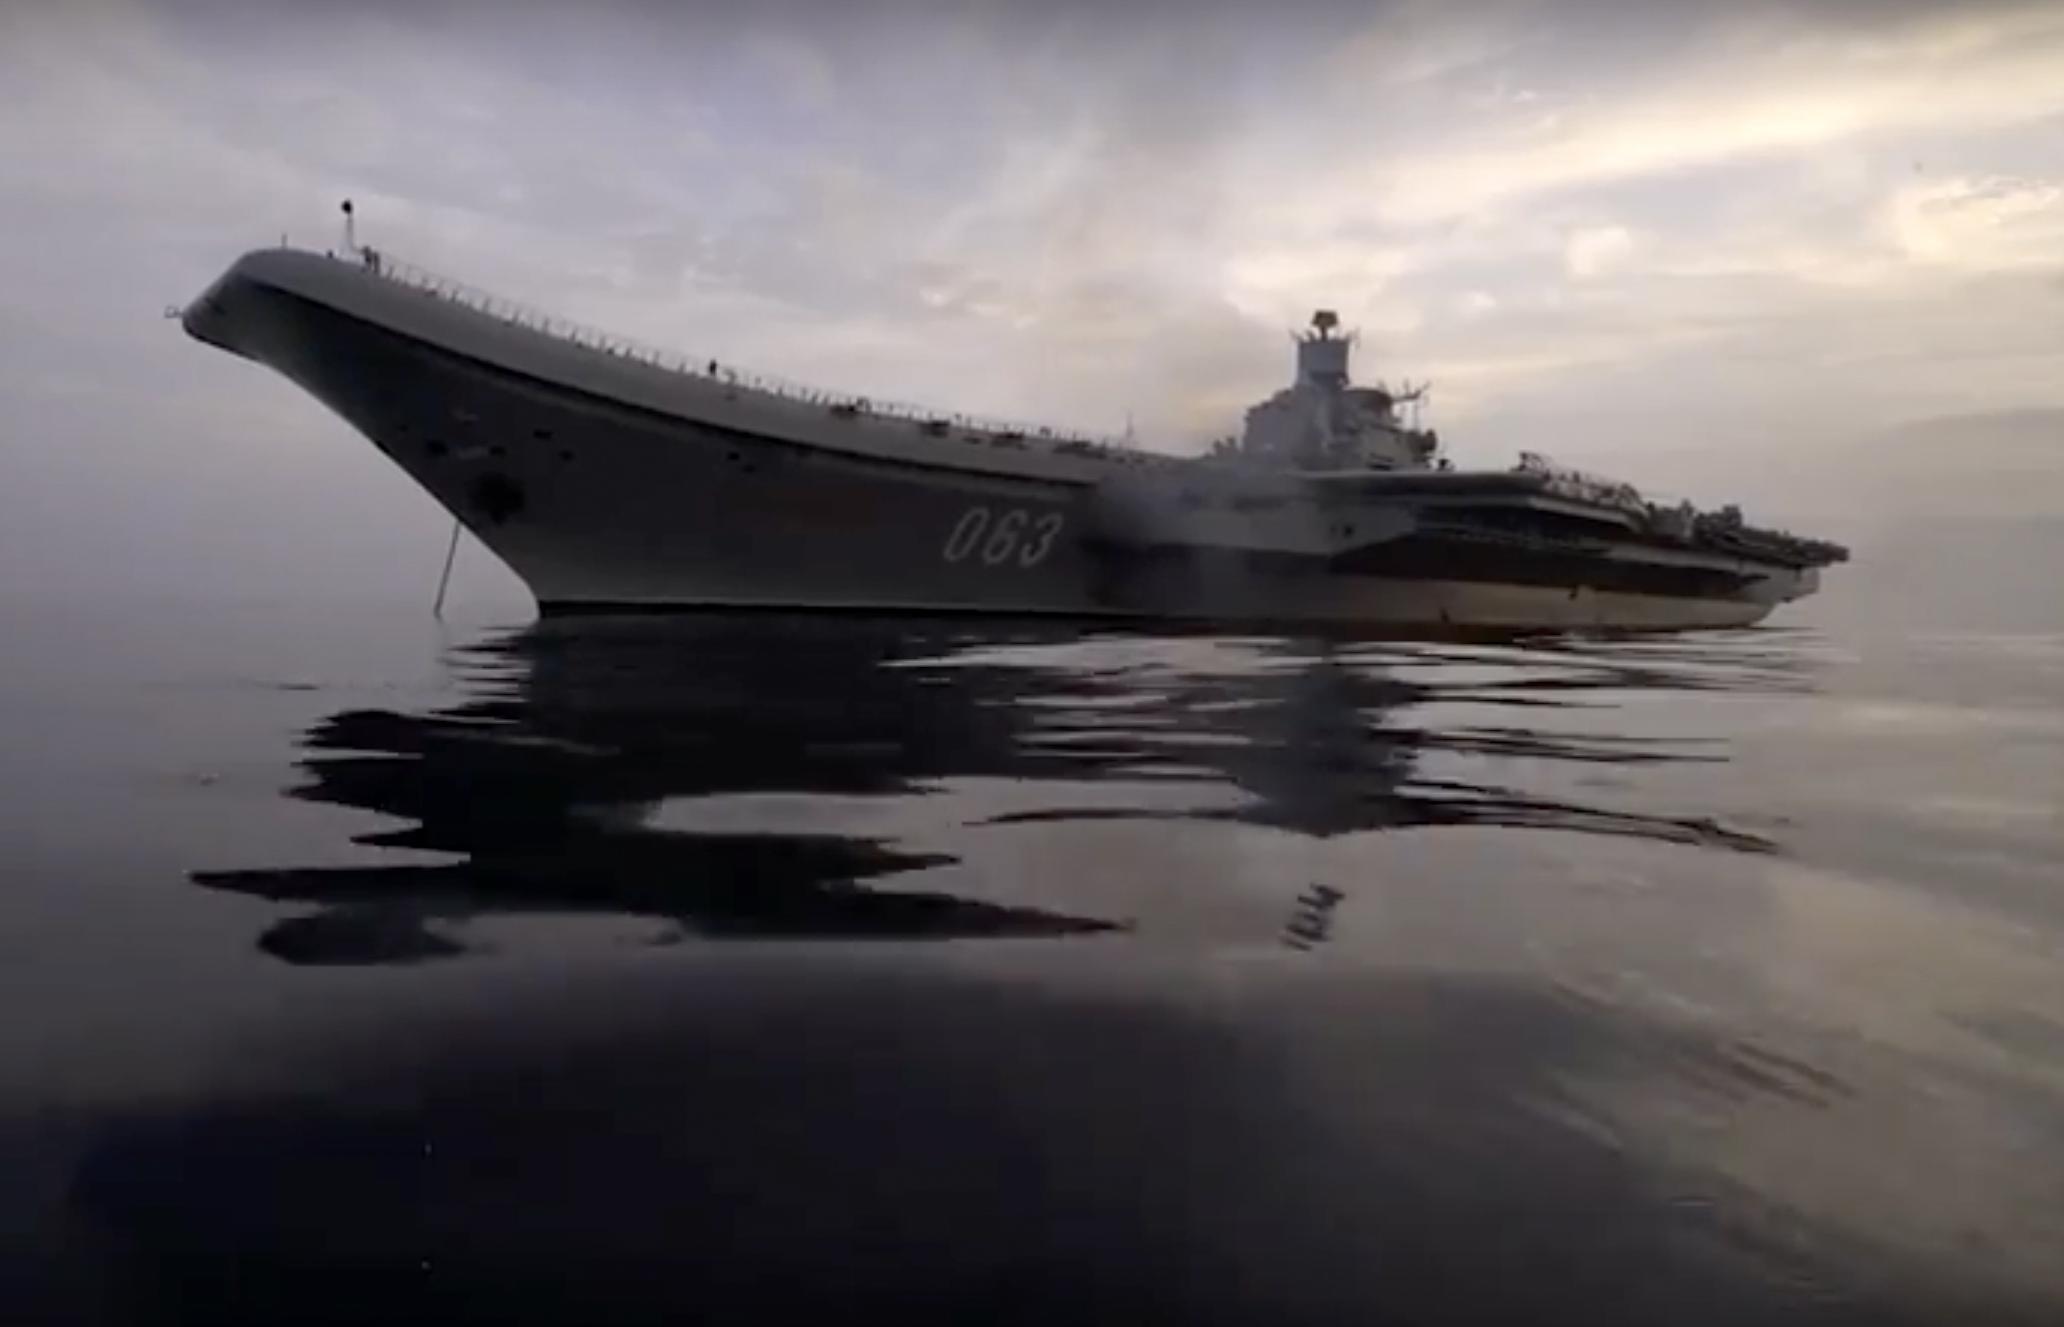 Operações navais do Porta aviões Almirante Kuznetsov na Síria trouxeram importantes lições e incluíram novos programas de treinamento.